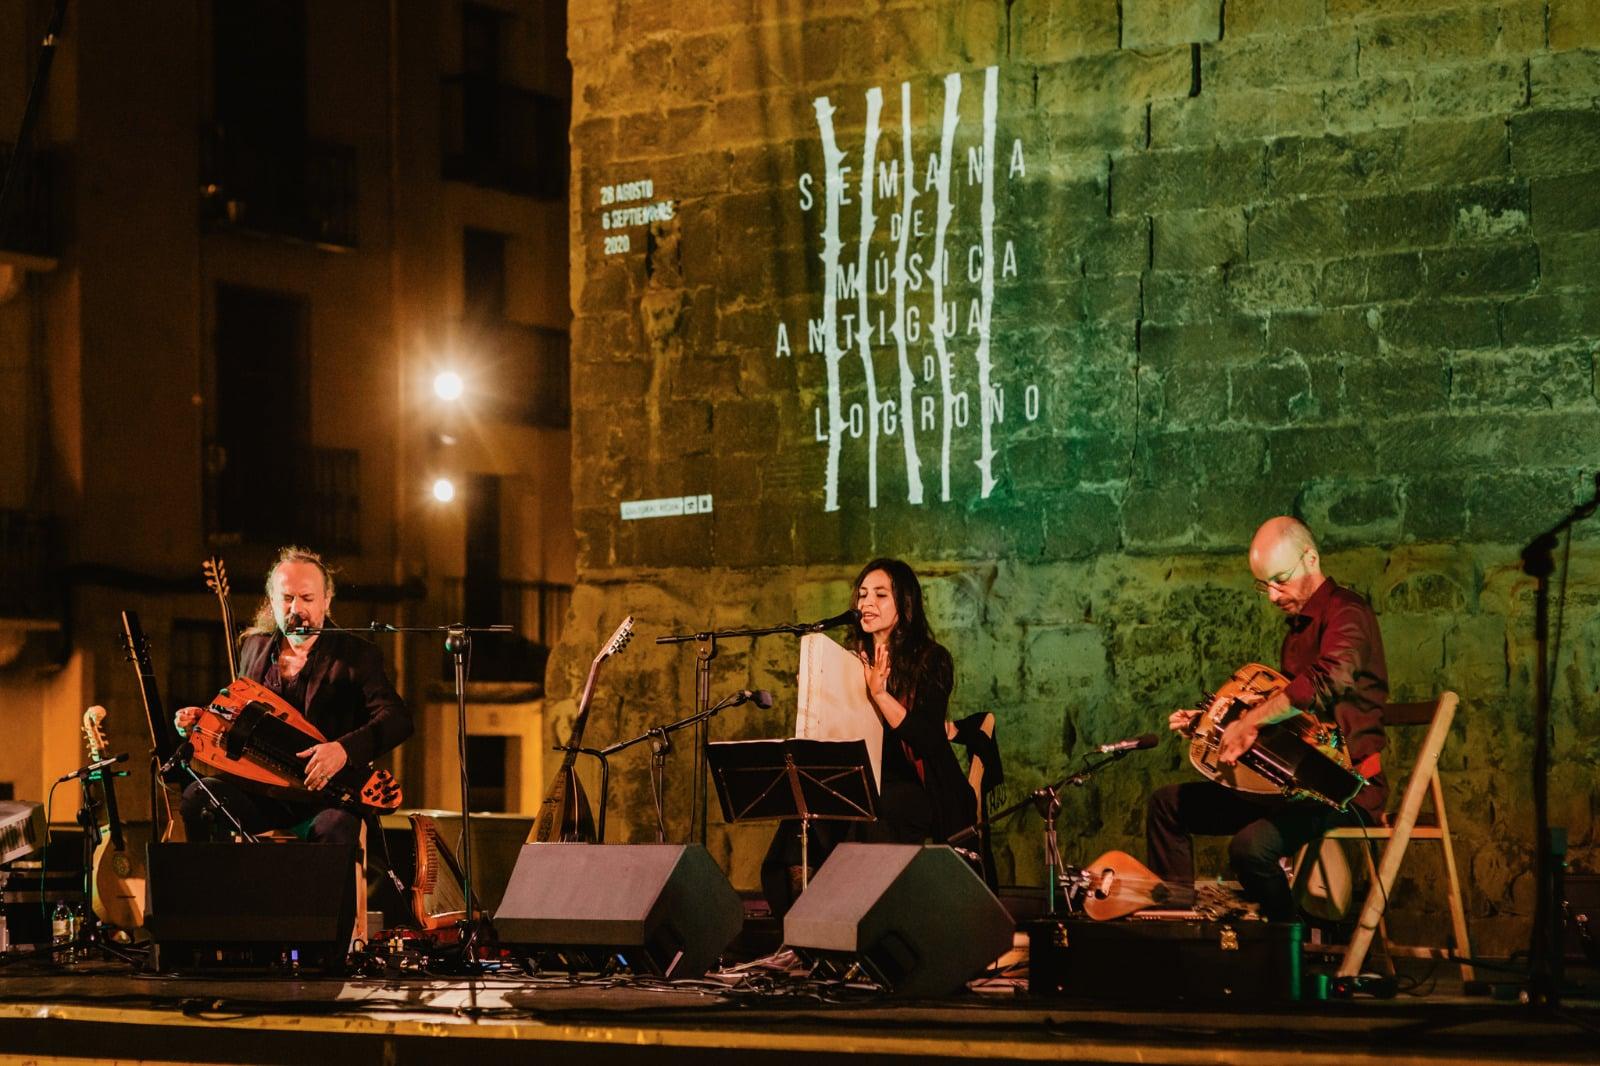 FOTOS: Arranca la XII Semana de Música Antigua de Logroño 4